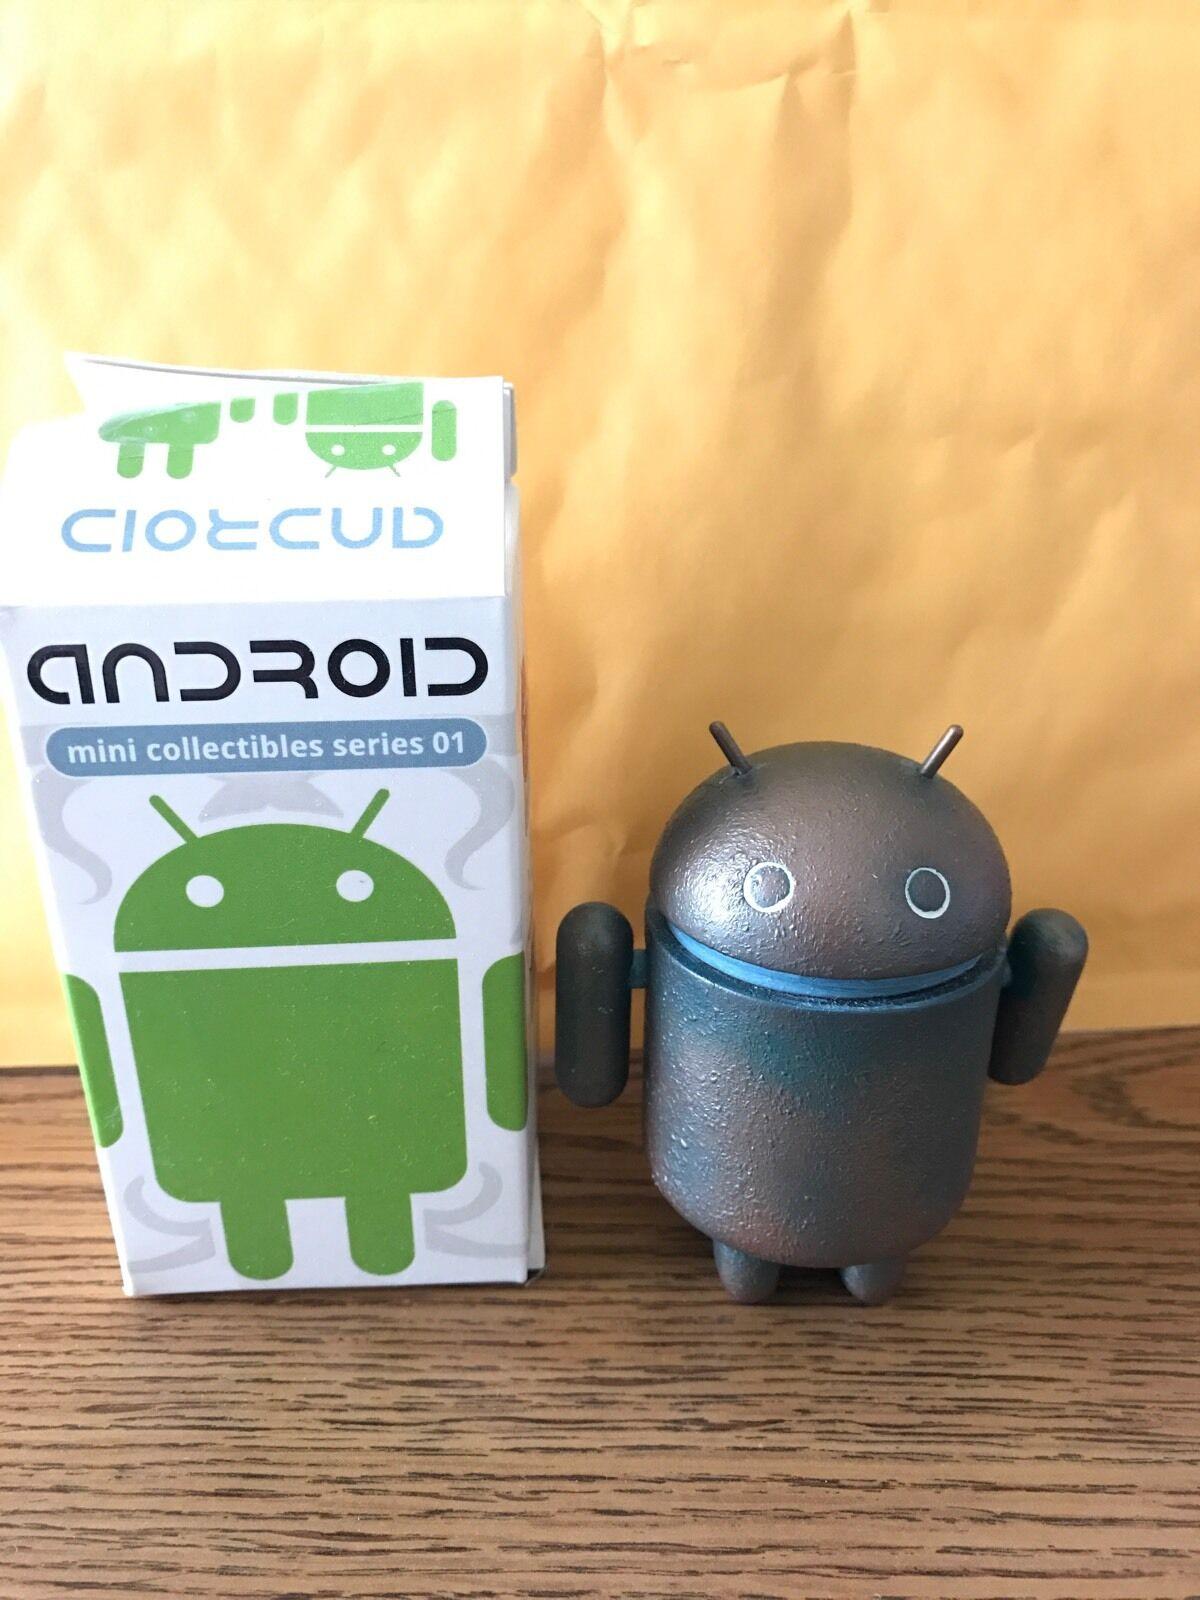 mas preferencial Súper Rara Figura Figura Figura De Android Mini Coleccionable Serie 1  Rusty  Andrew Bell  de moda